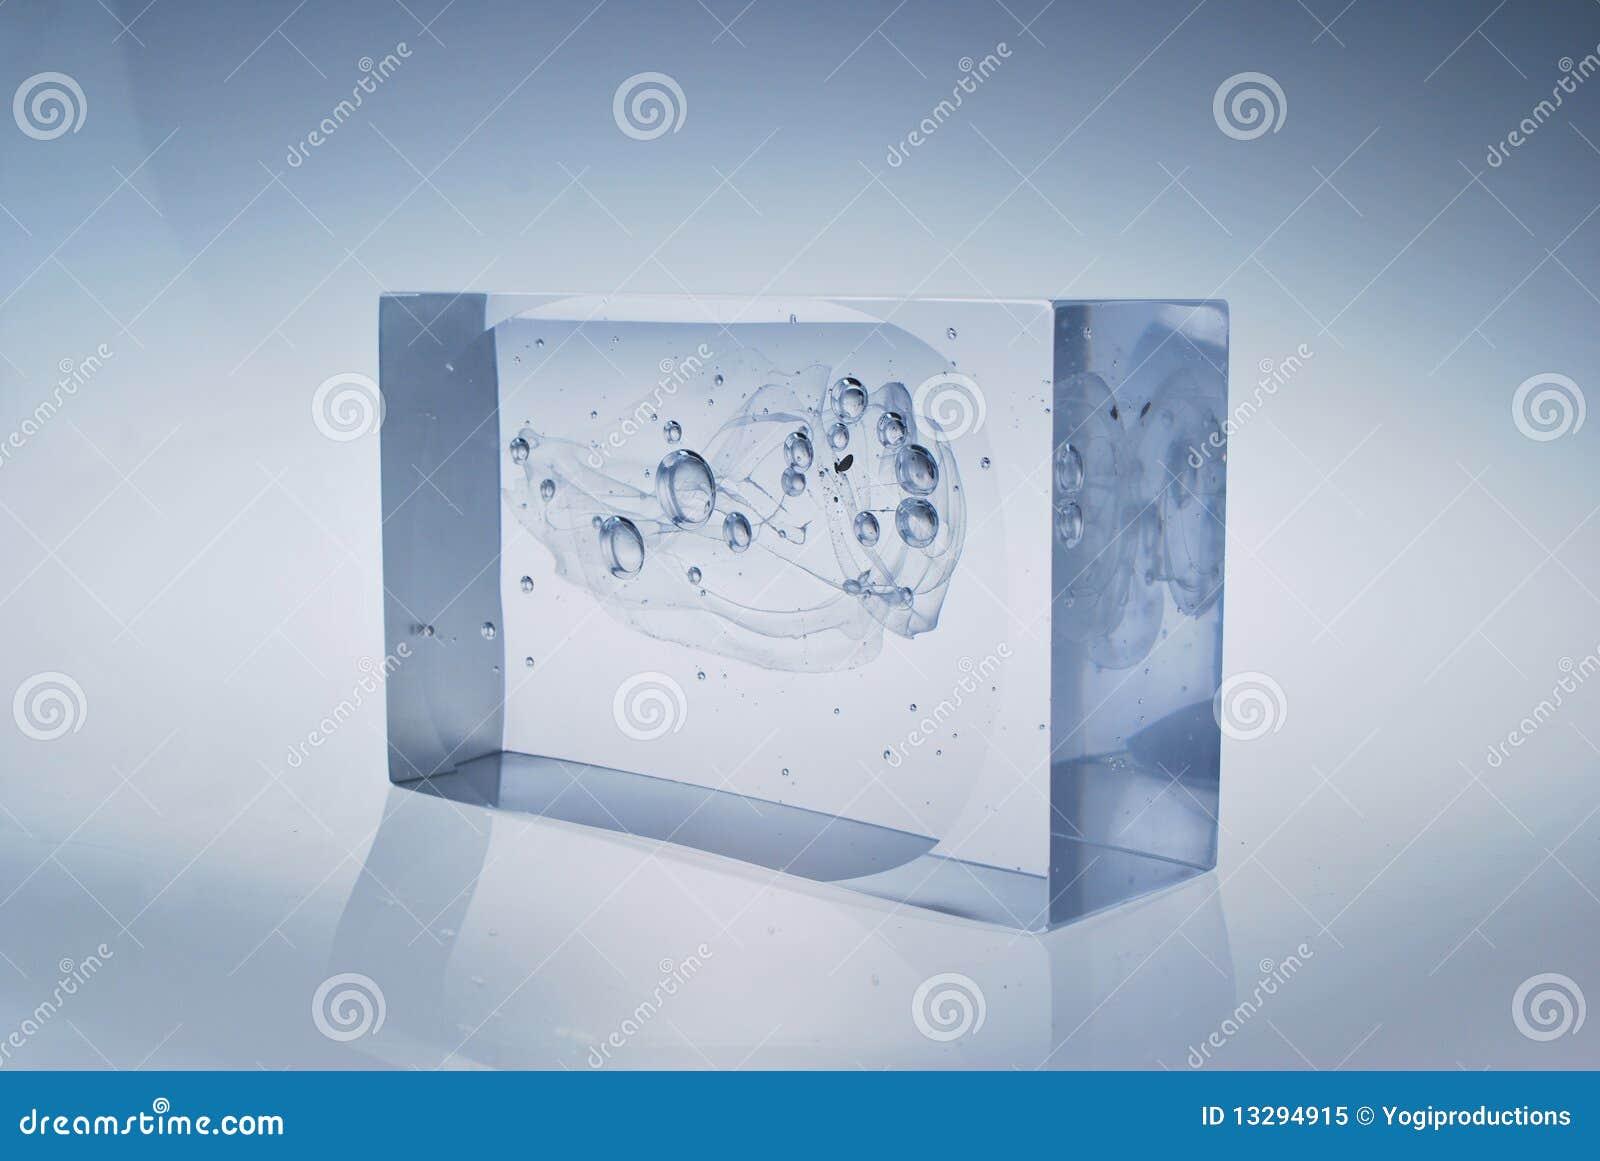 #86A823 Bloco De Vidro Foto de Stock Royalty Free Imagem: 13294915 1300x960 px Banheiro Decorado Com Bloco De Vidro 3649